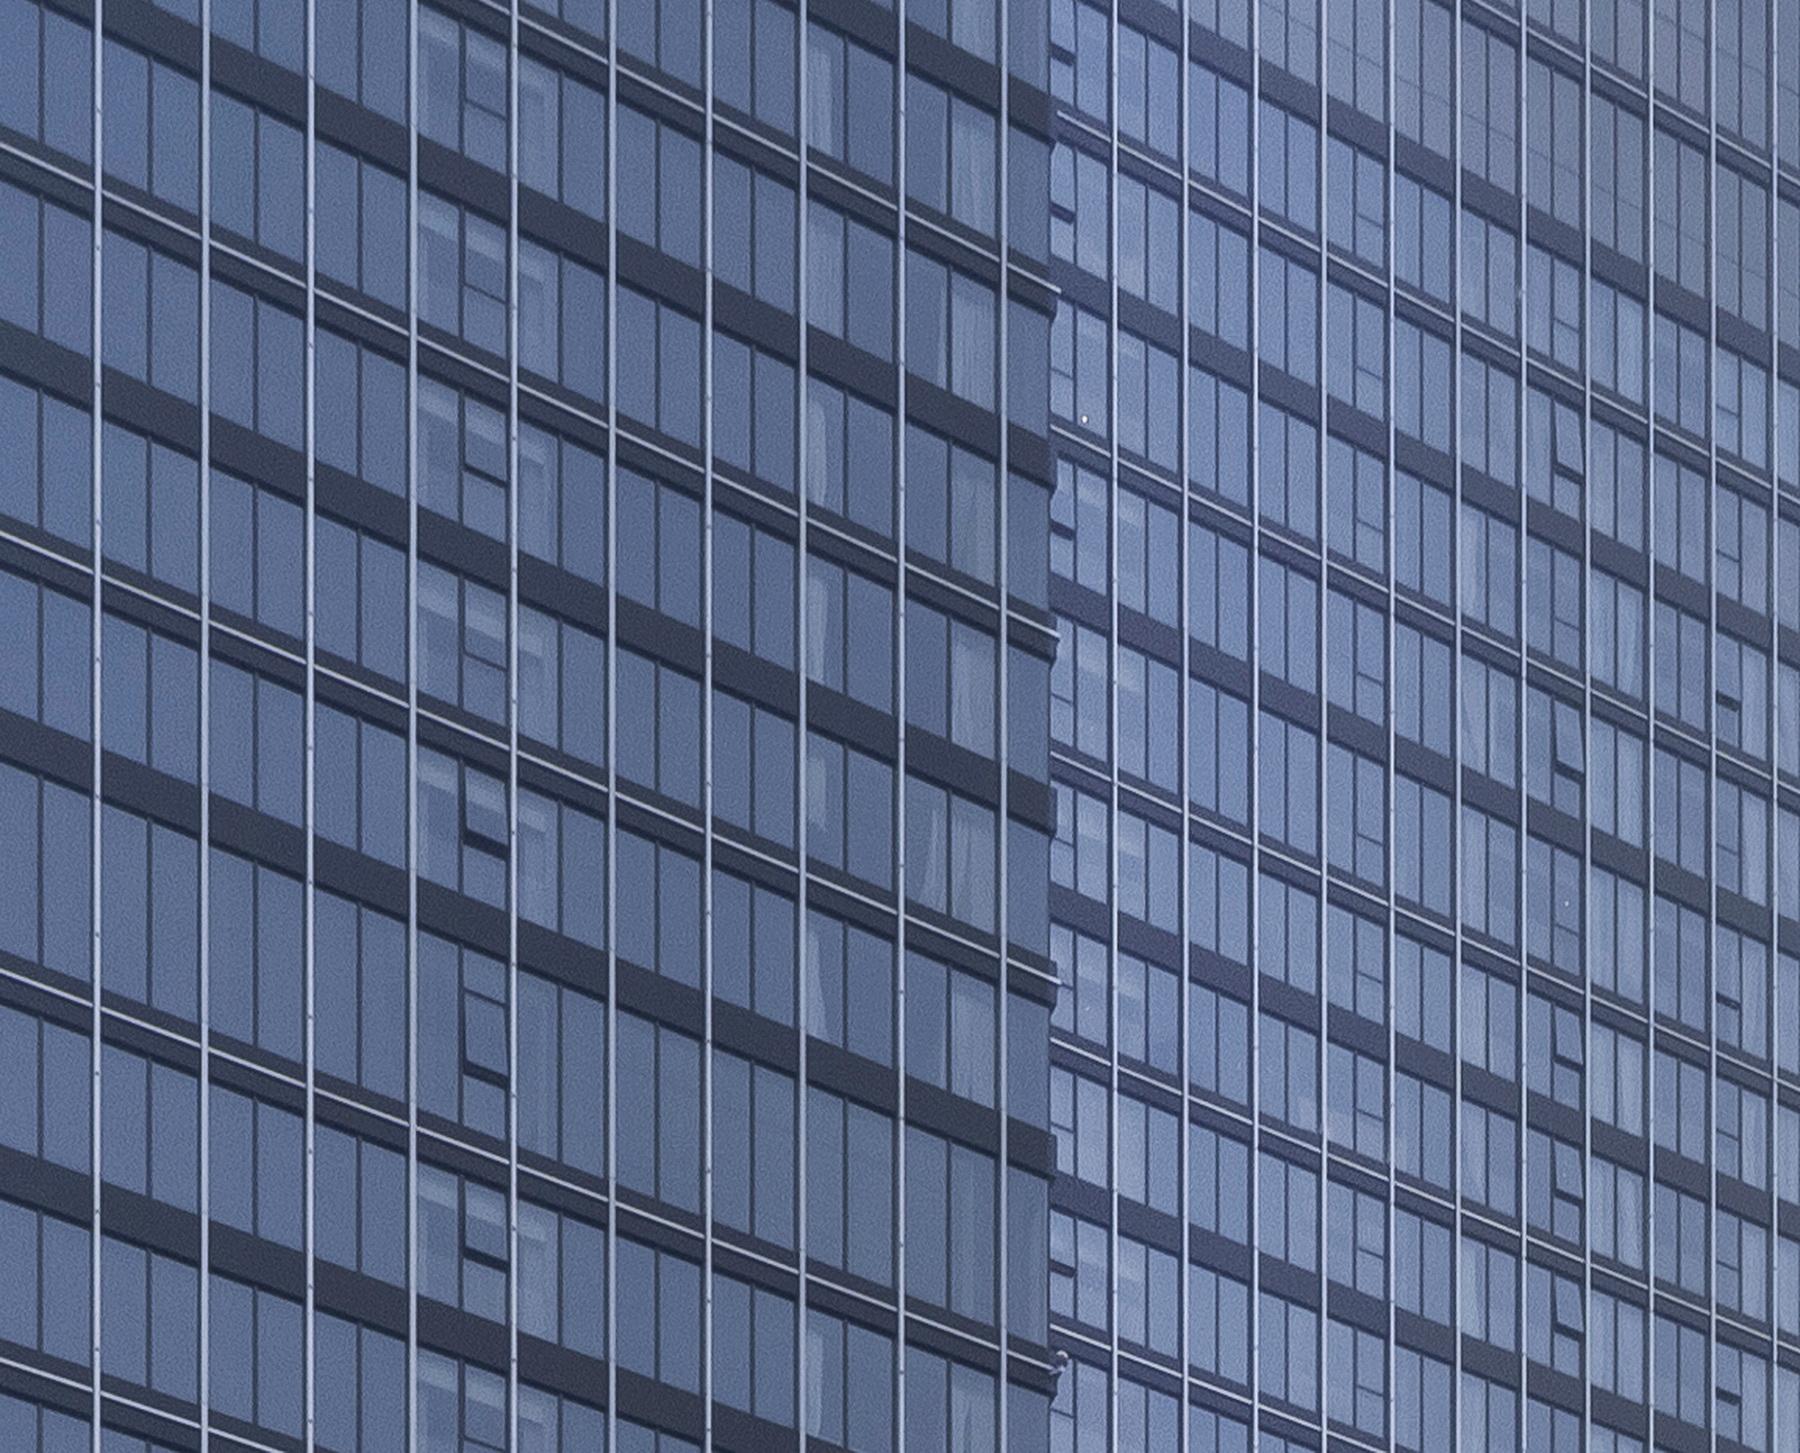 溧阳万豪酒店 建筑设计 / 上海三益建筑设计有限公司